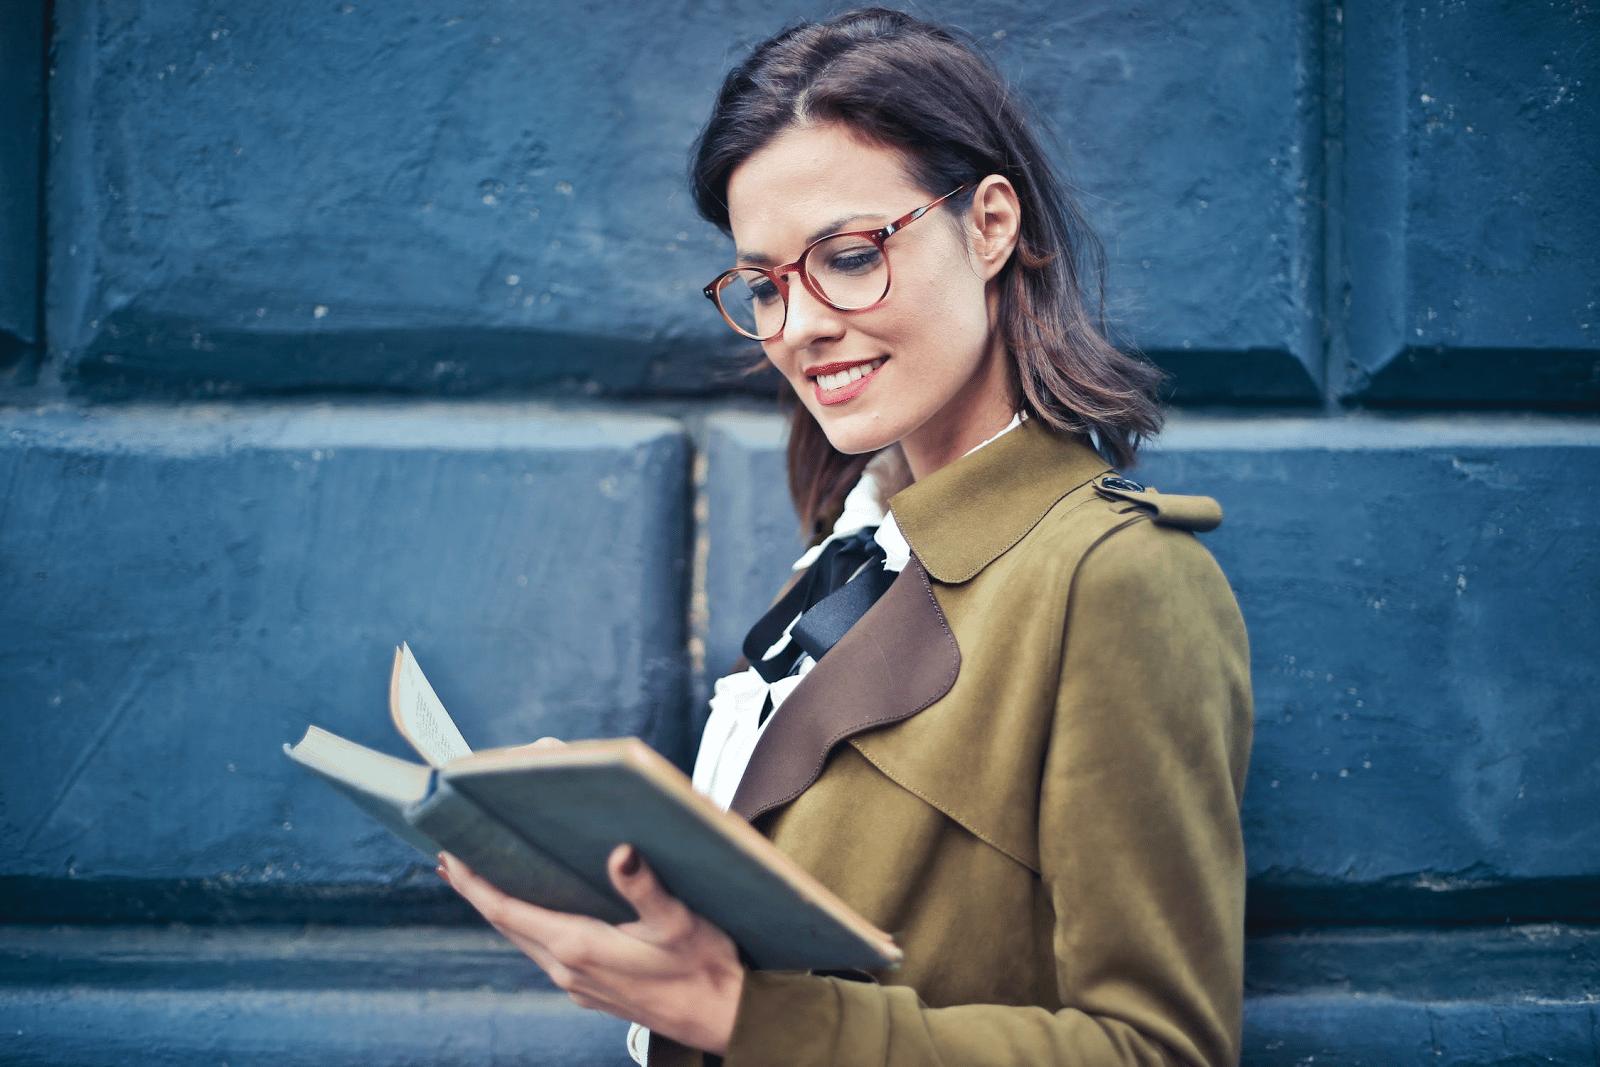 ¿Cómo cuidar los ojos cuando leemos en exceso con ayuda de colirios?